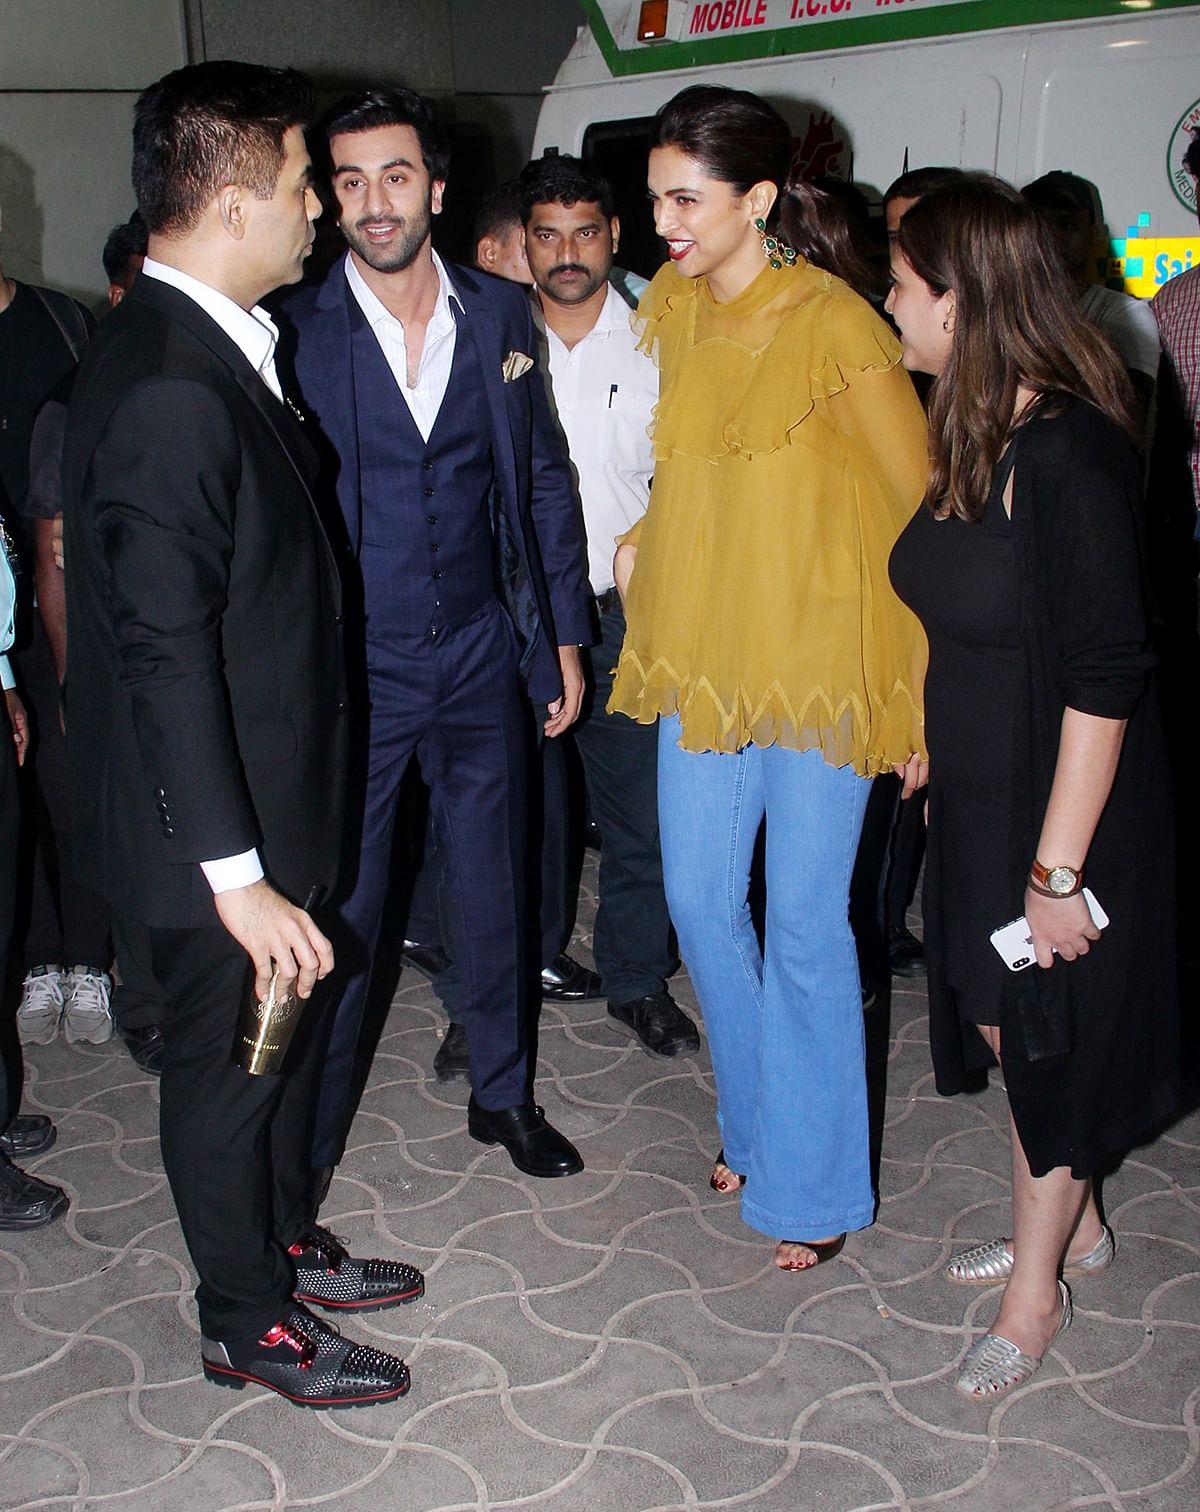 Karan Johar, Ranbir Kapoor and Deepika Padukone catch up at an event.